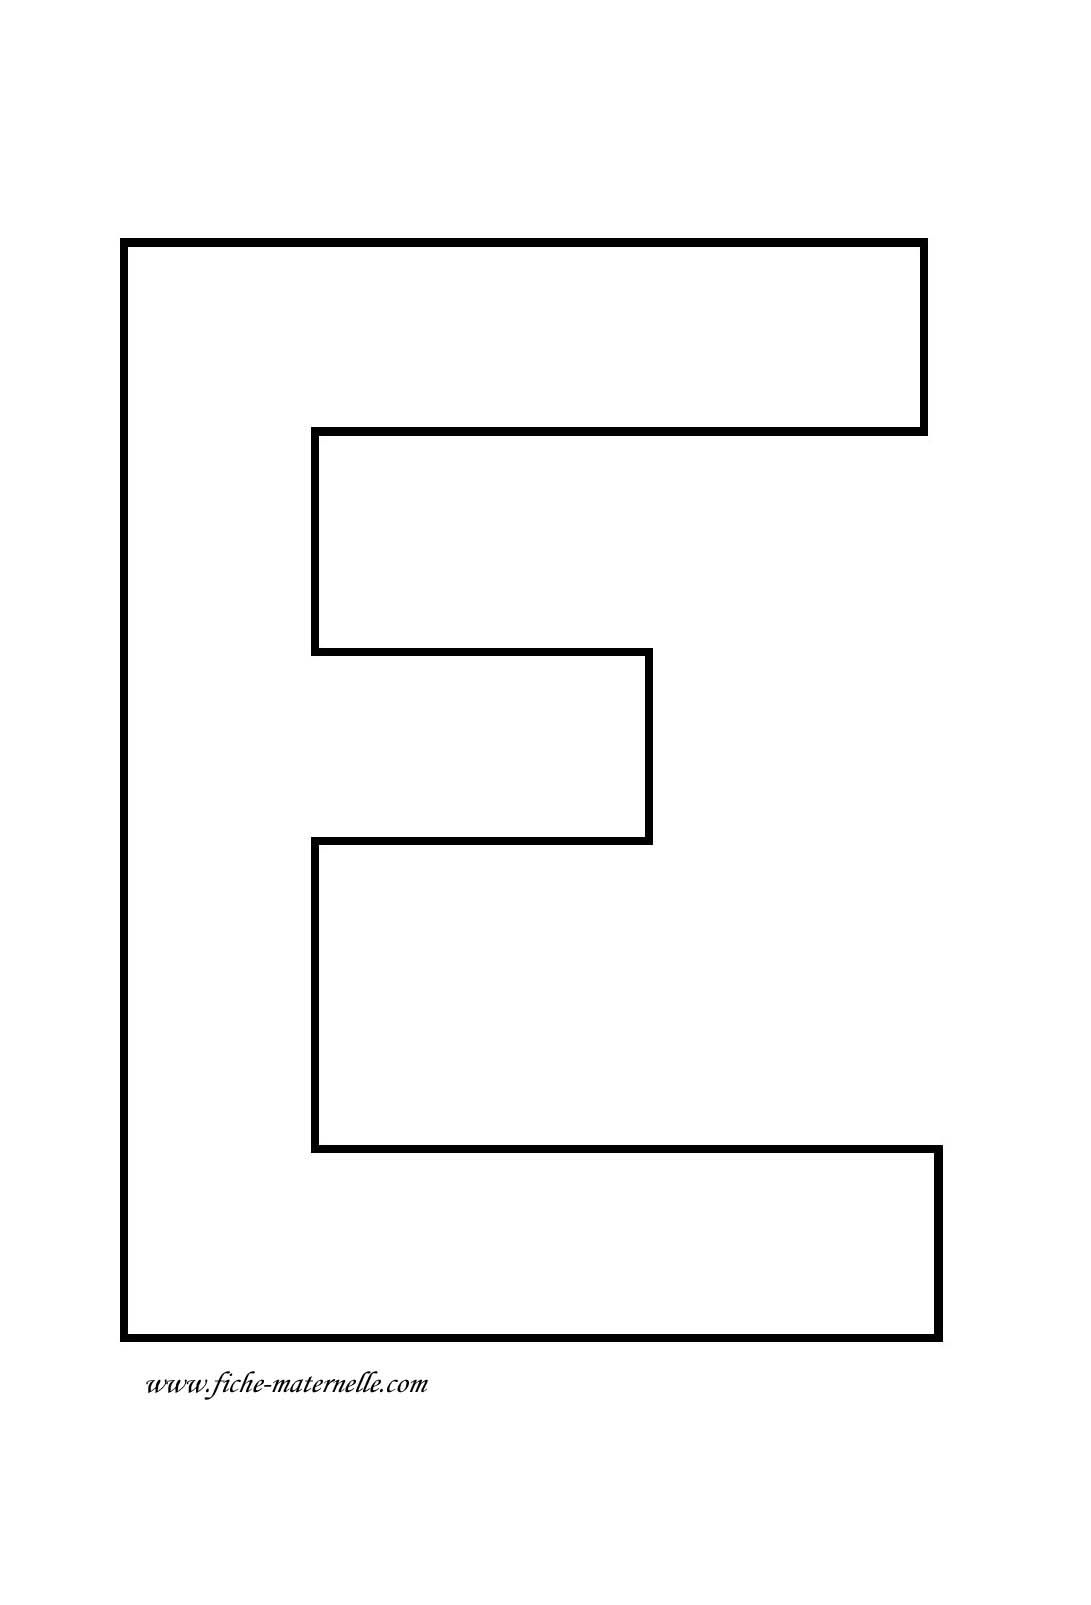 Lettre de l 39 alphabet d corer letras pinterest - Lettres de l alphabet a decorer ...